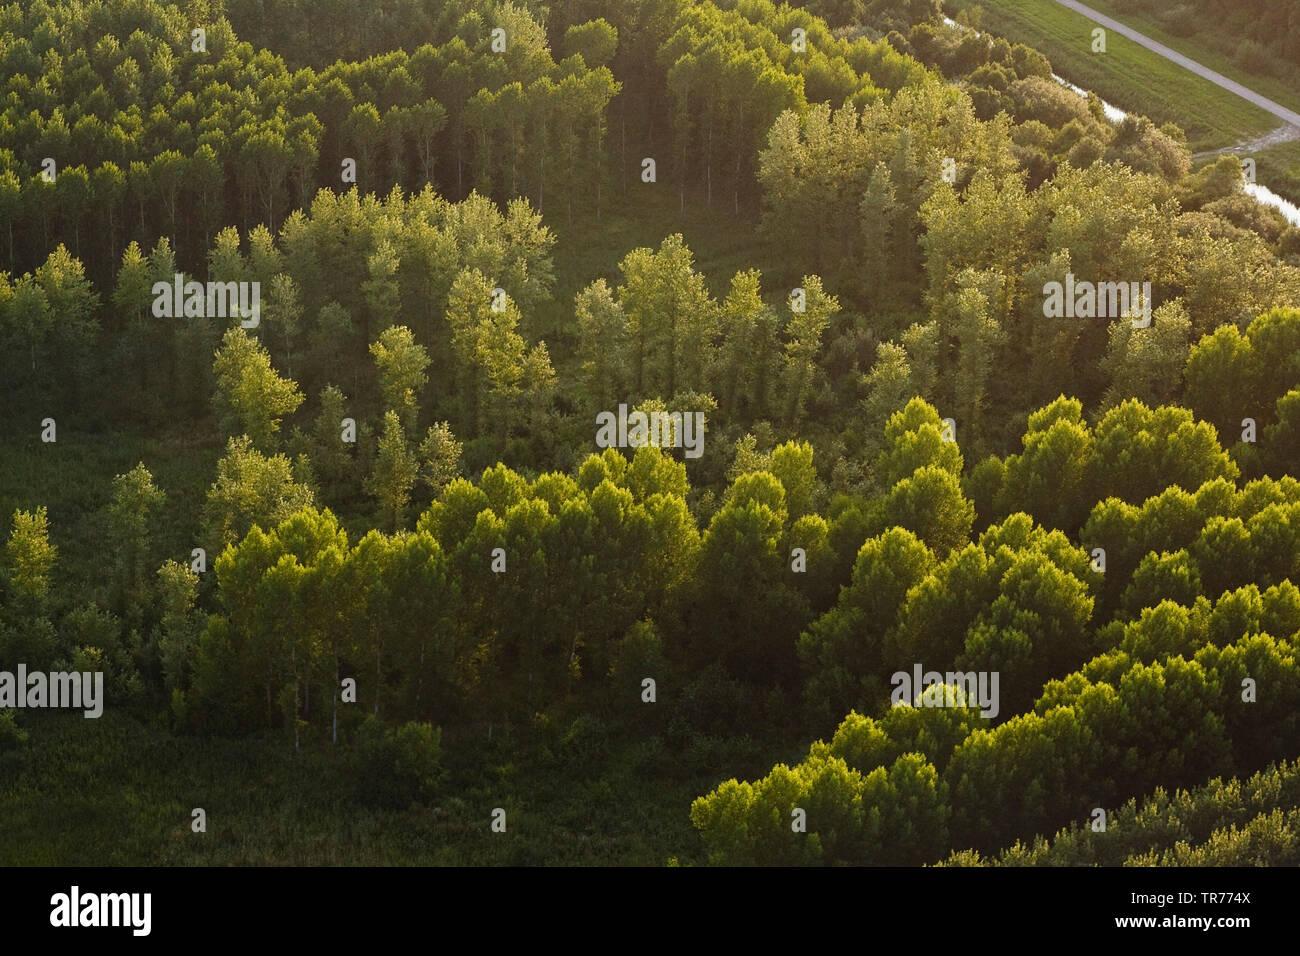 Laubwald im Abendlicht, Luftbild, Niederlande, Nordholland | forest in evening light, aerial view, Netherlands, Northern Netherlands | BLWS500064.jpg - Stock Image